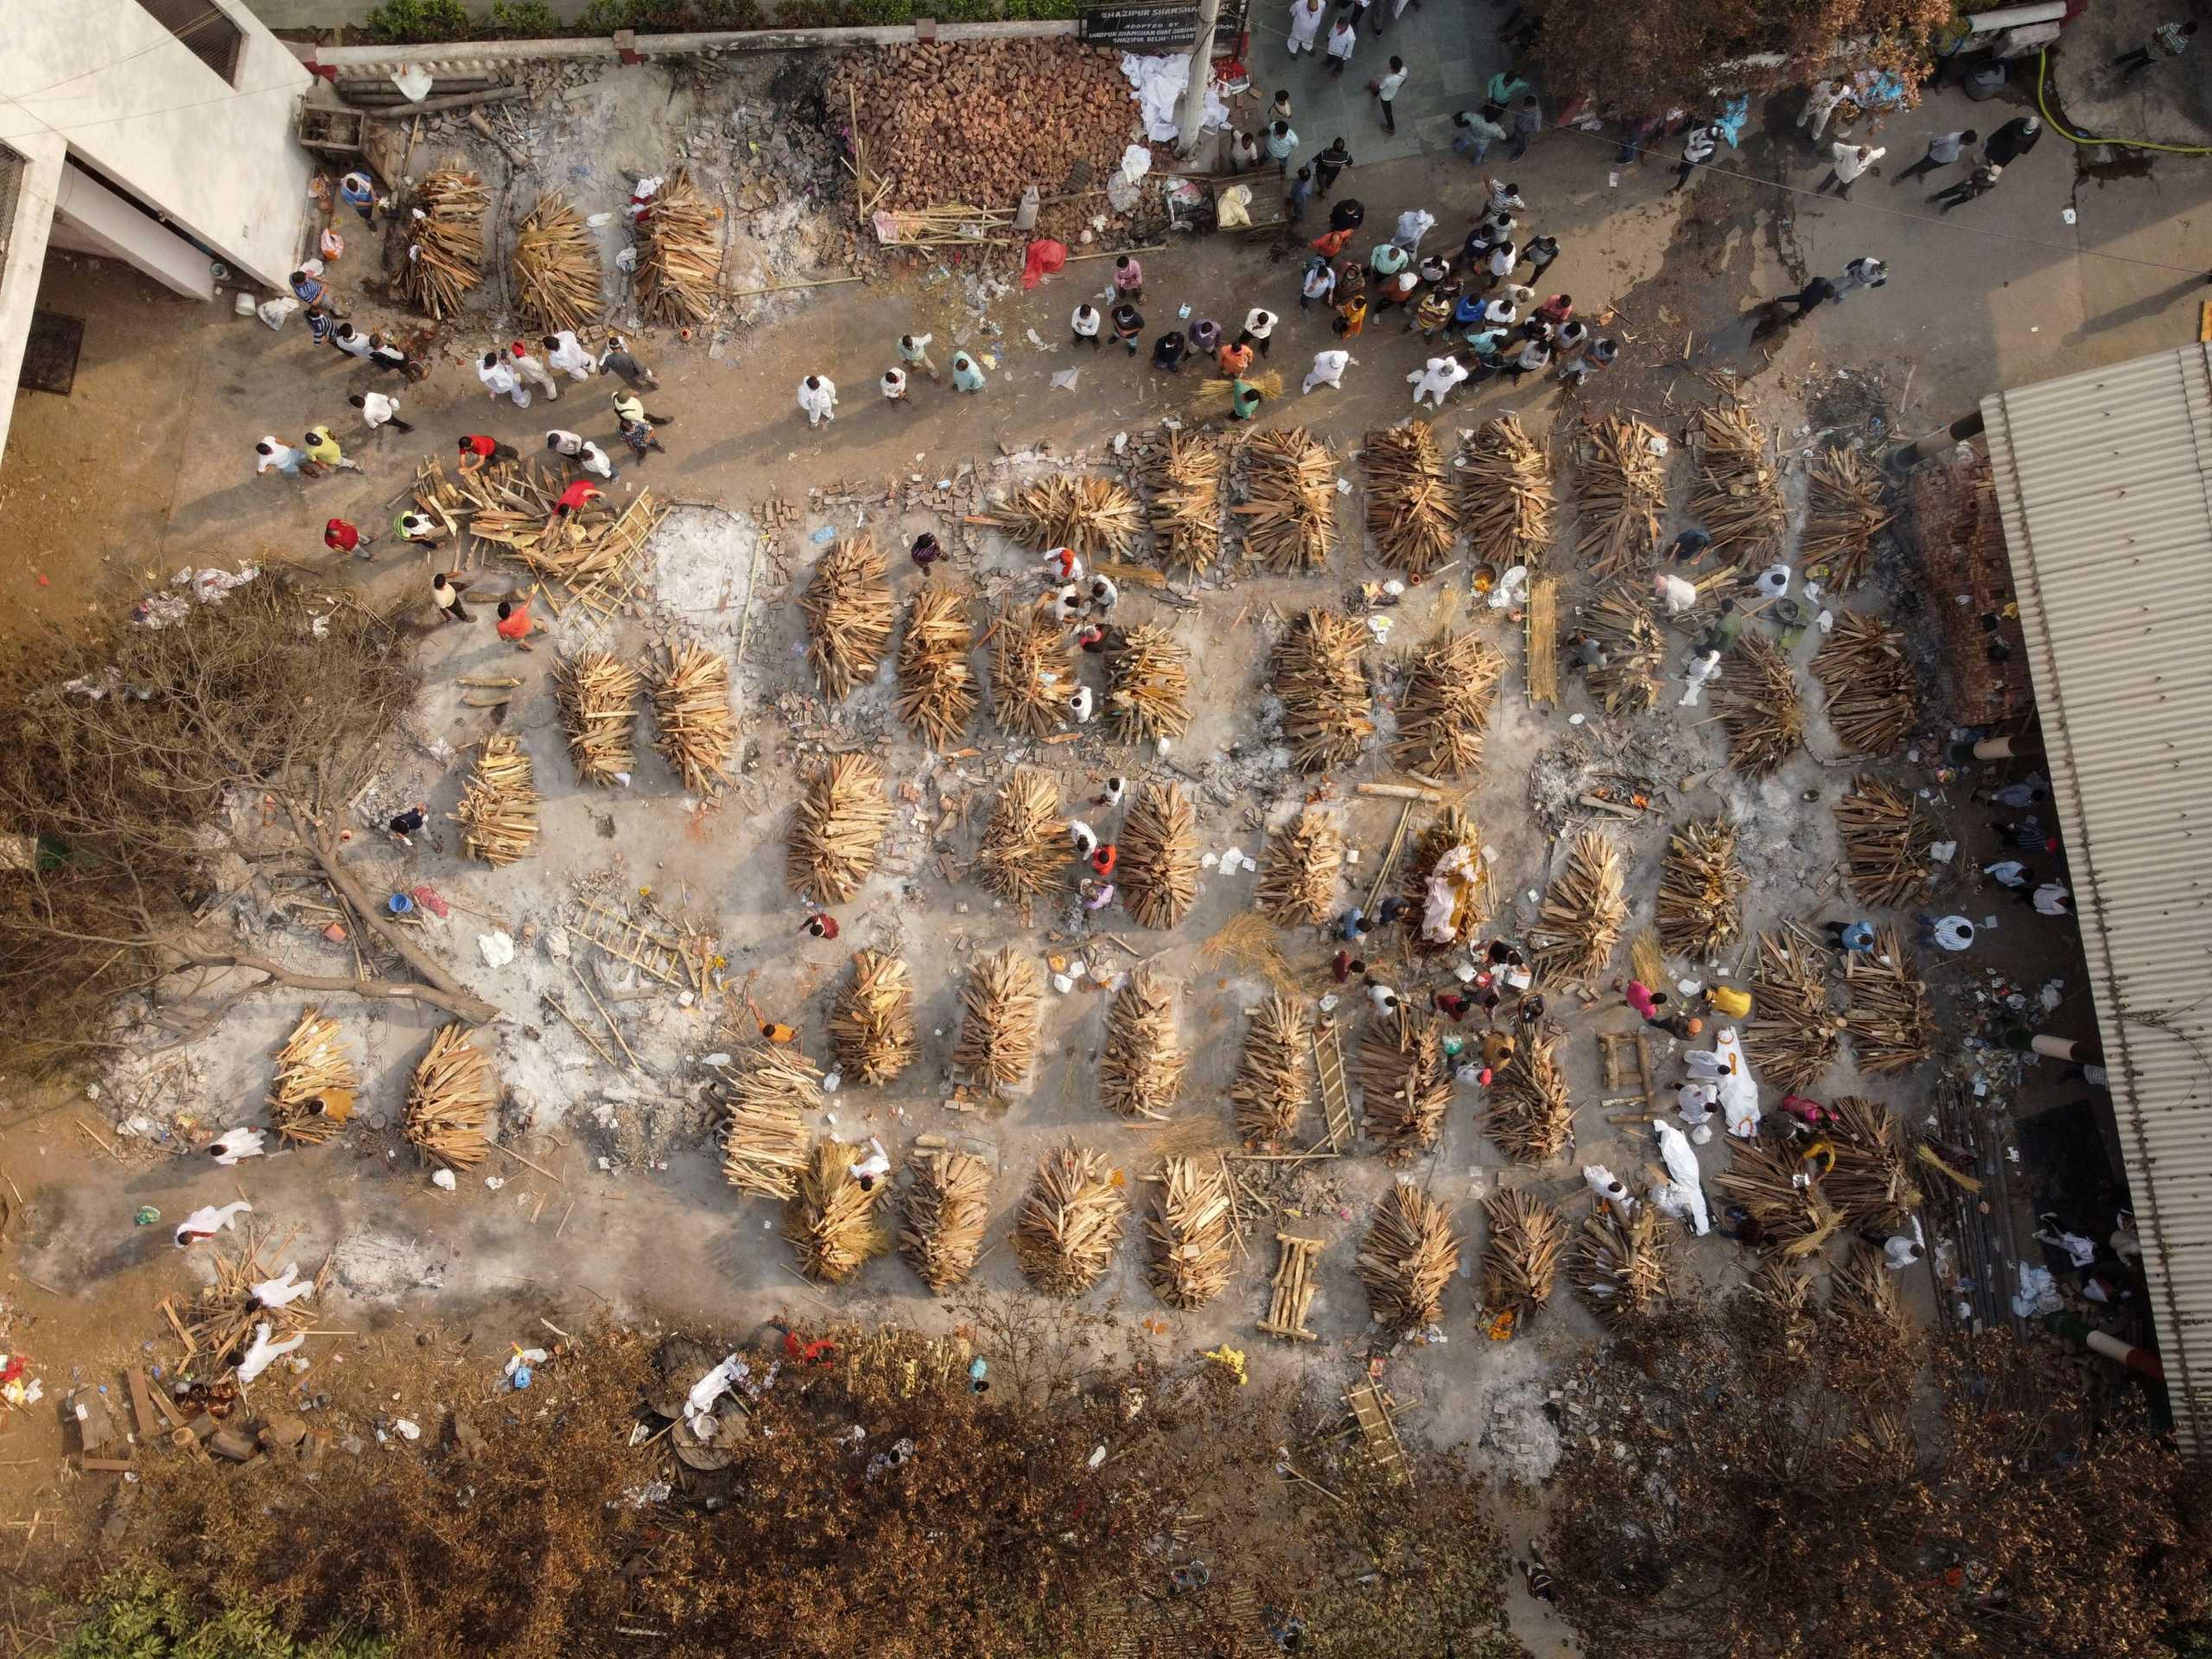 Ινδία: Νέο «διαστημικό» ρεκόρ με 379.000 κρούσματα κορονοϊού σε ένα 24ωρο – Άλλοι 3.645 θάνατοι